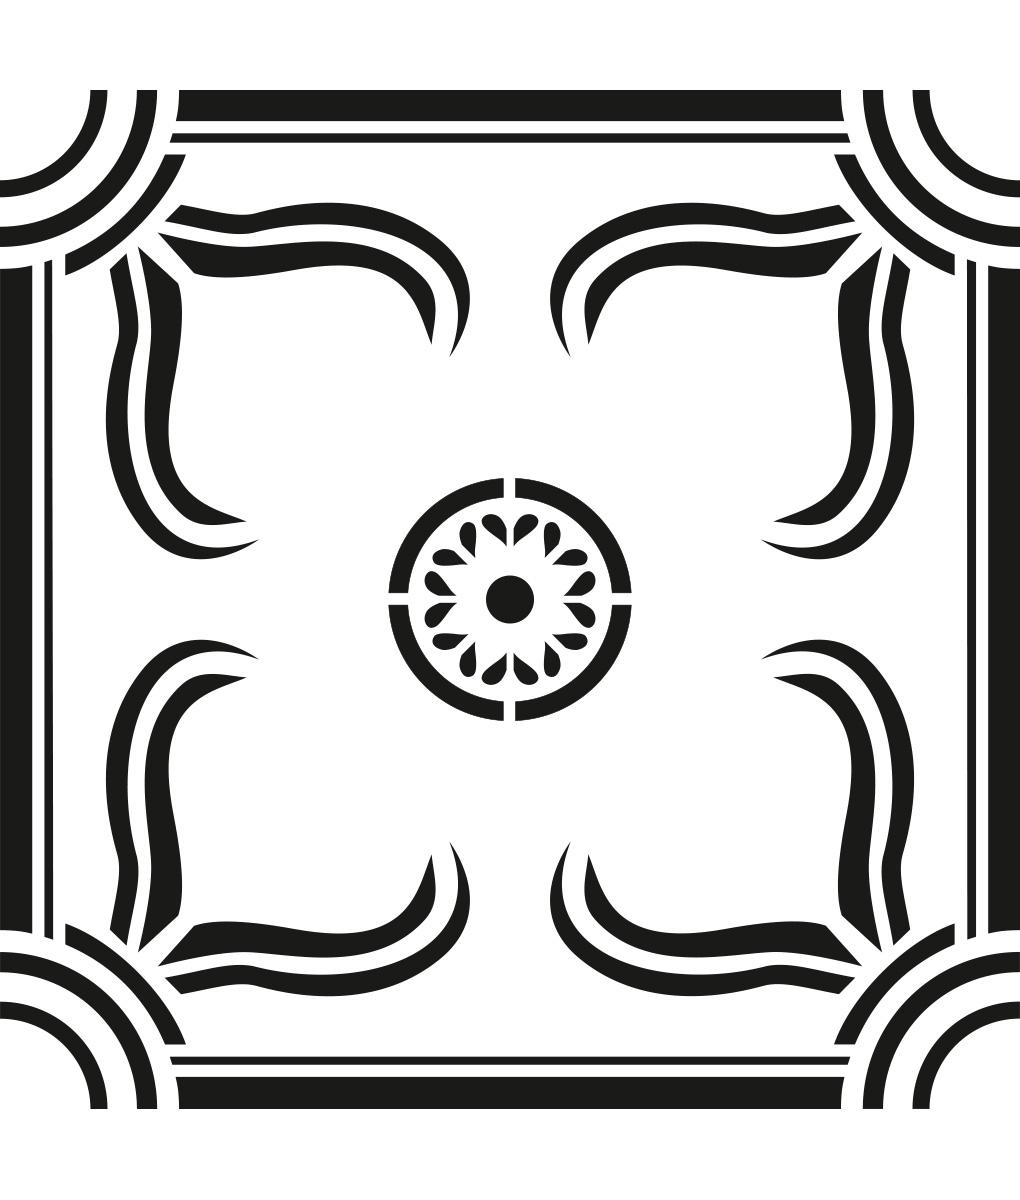 Šablóny - obkladačkové vzory 👍👍👍 - Obrázok č. 57